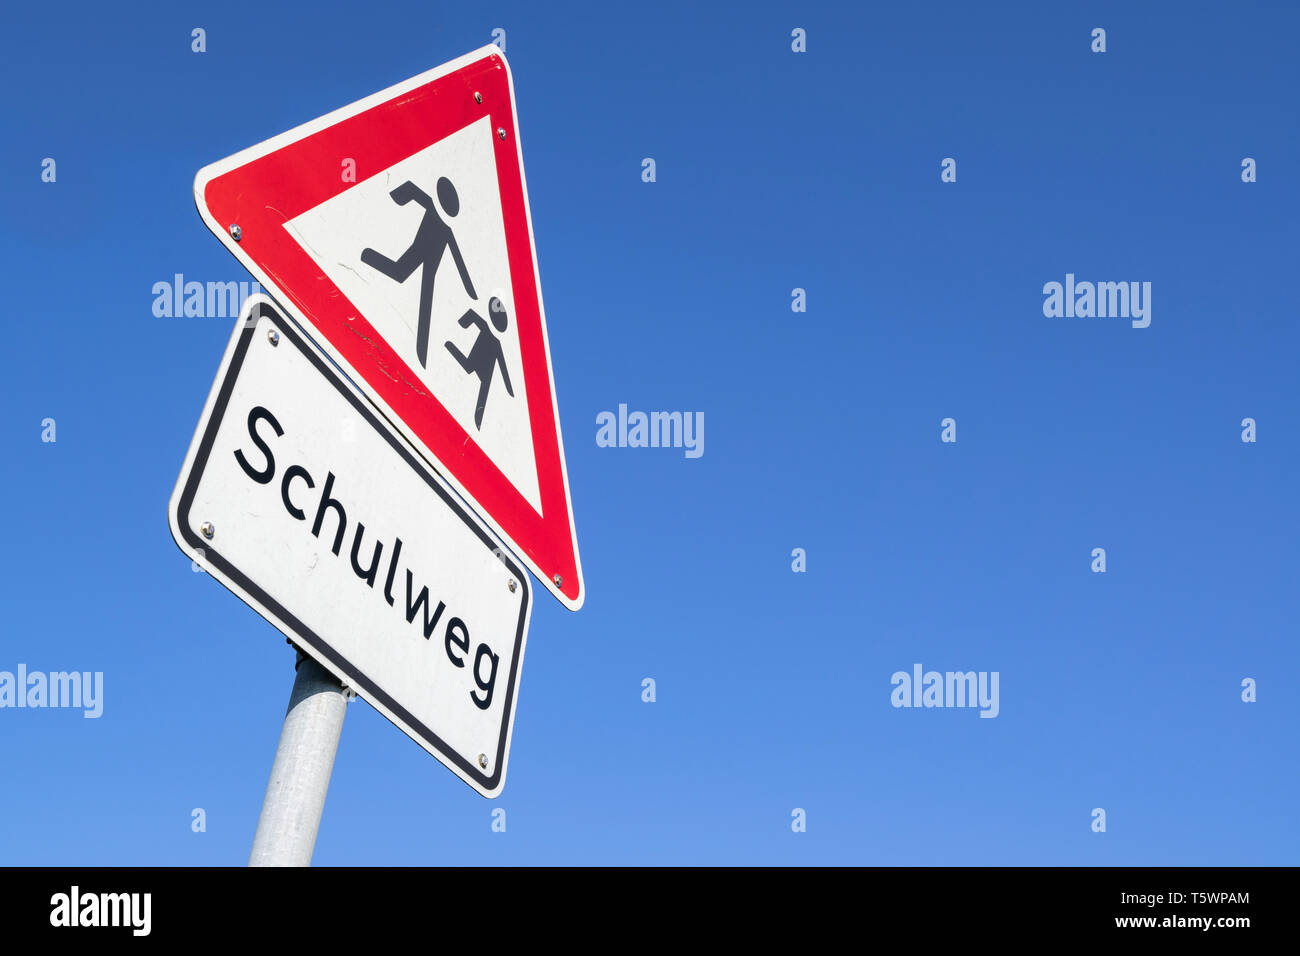 German road sign: children crossing/ way to school - Stock Image